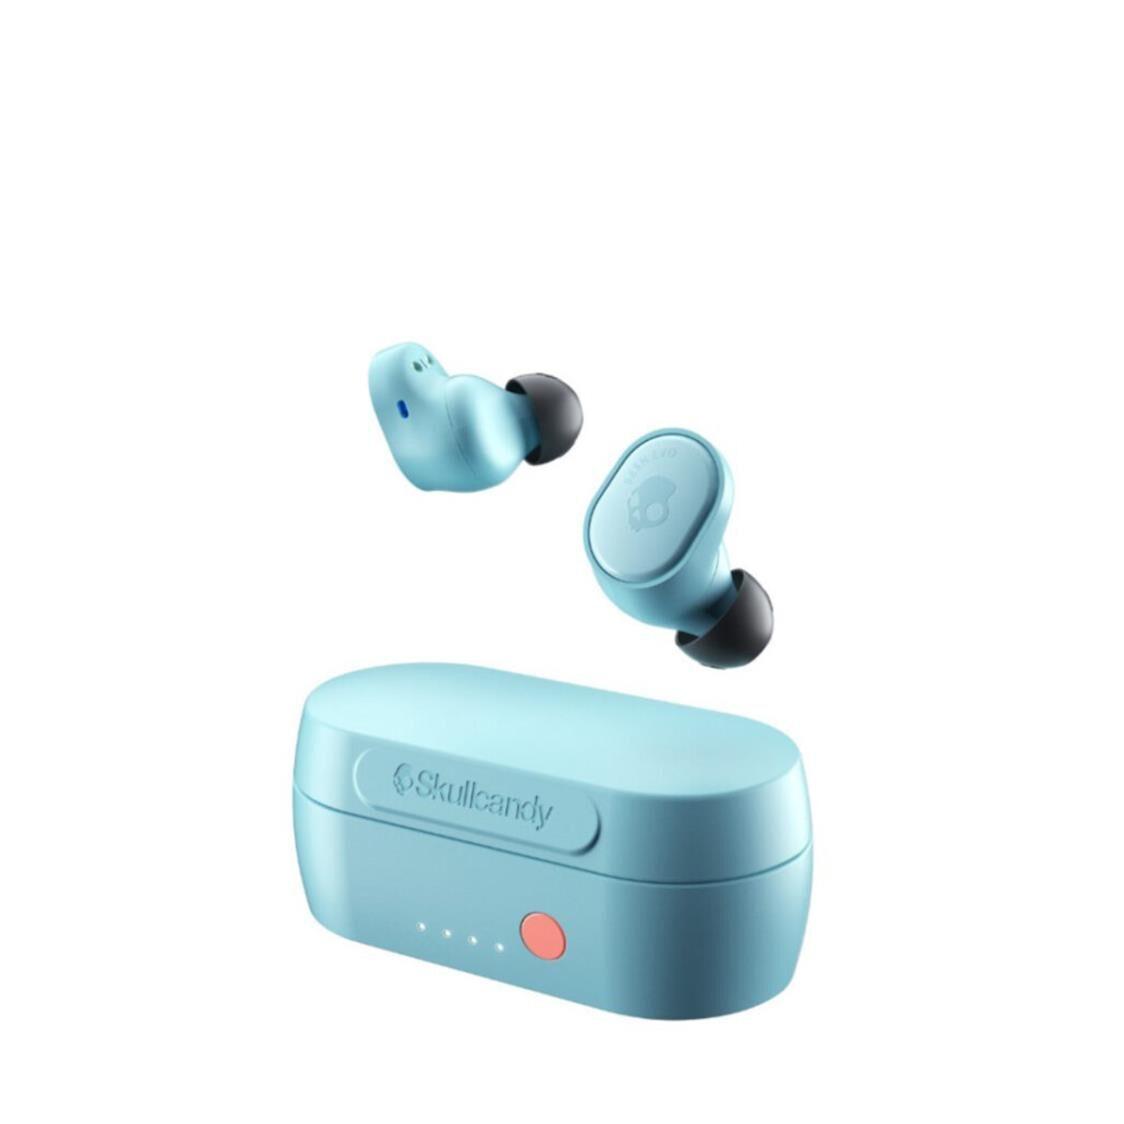 Skullcandy Sesh Evo True Wireless In-Ear Earbuds Bleached Blue